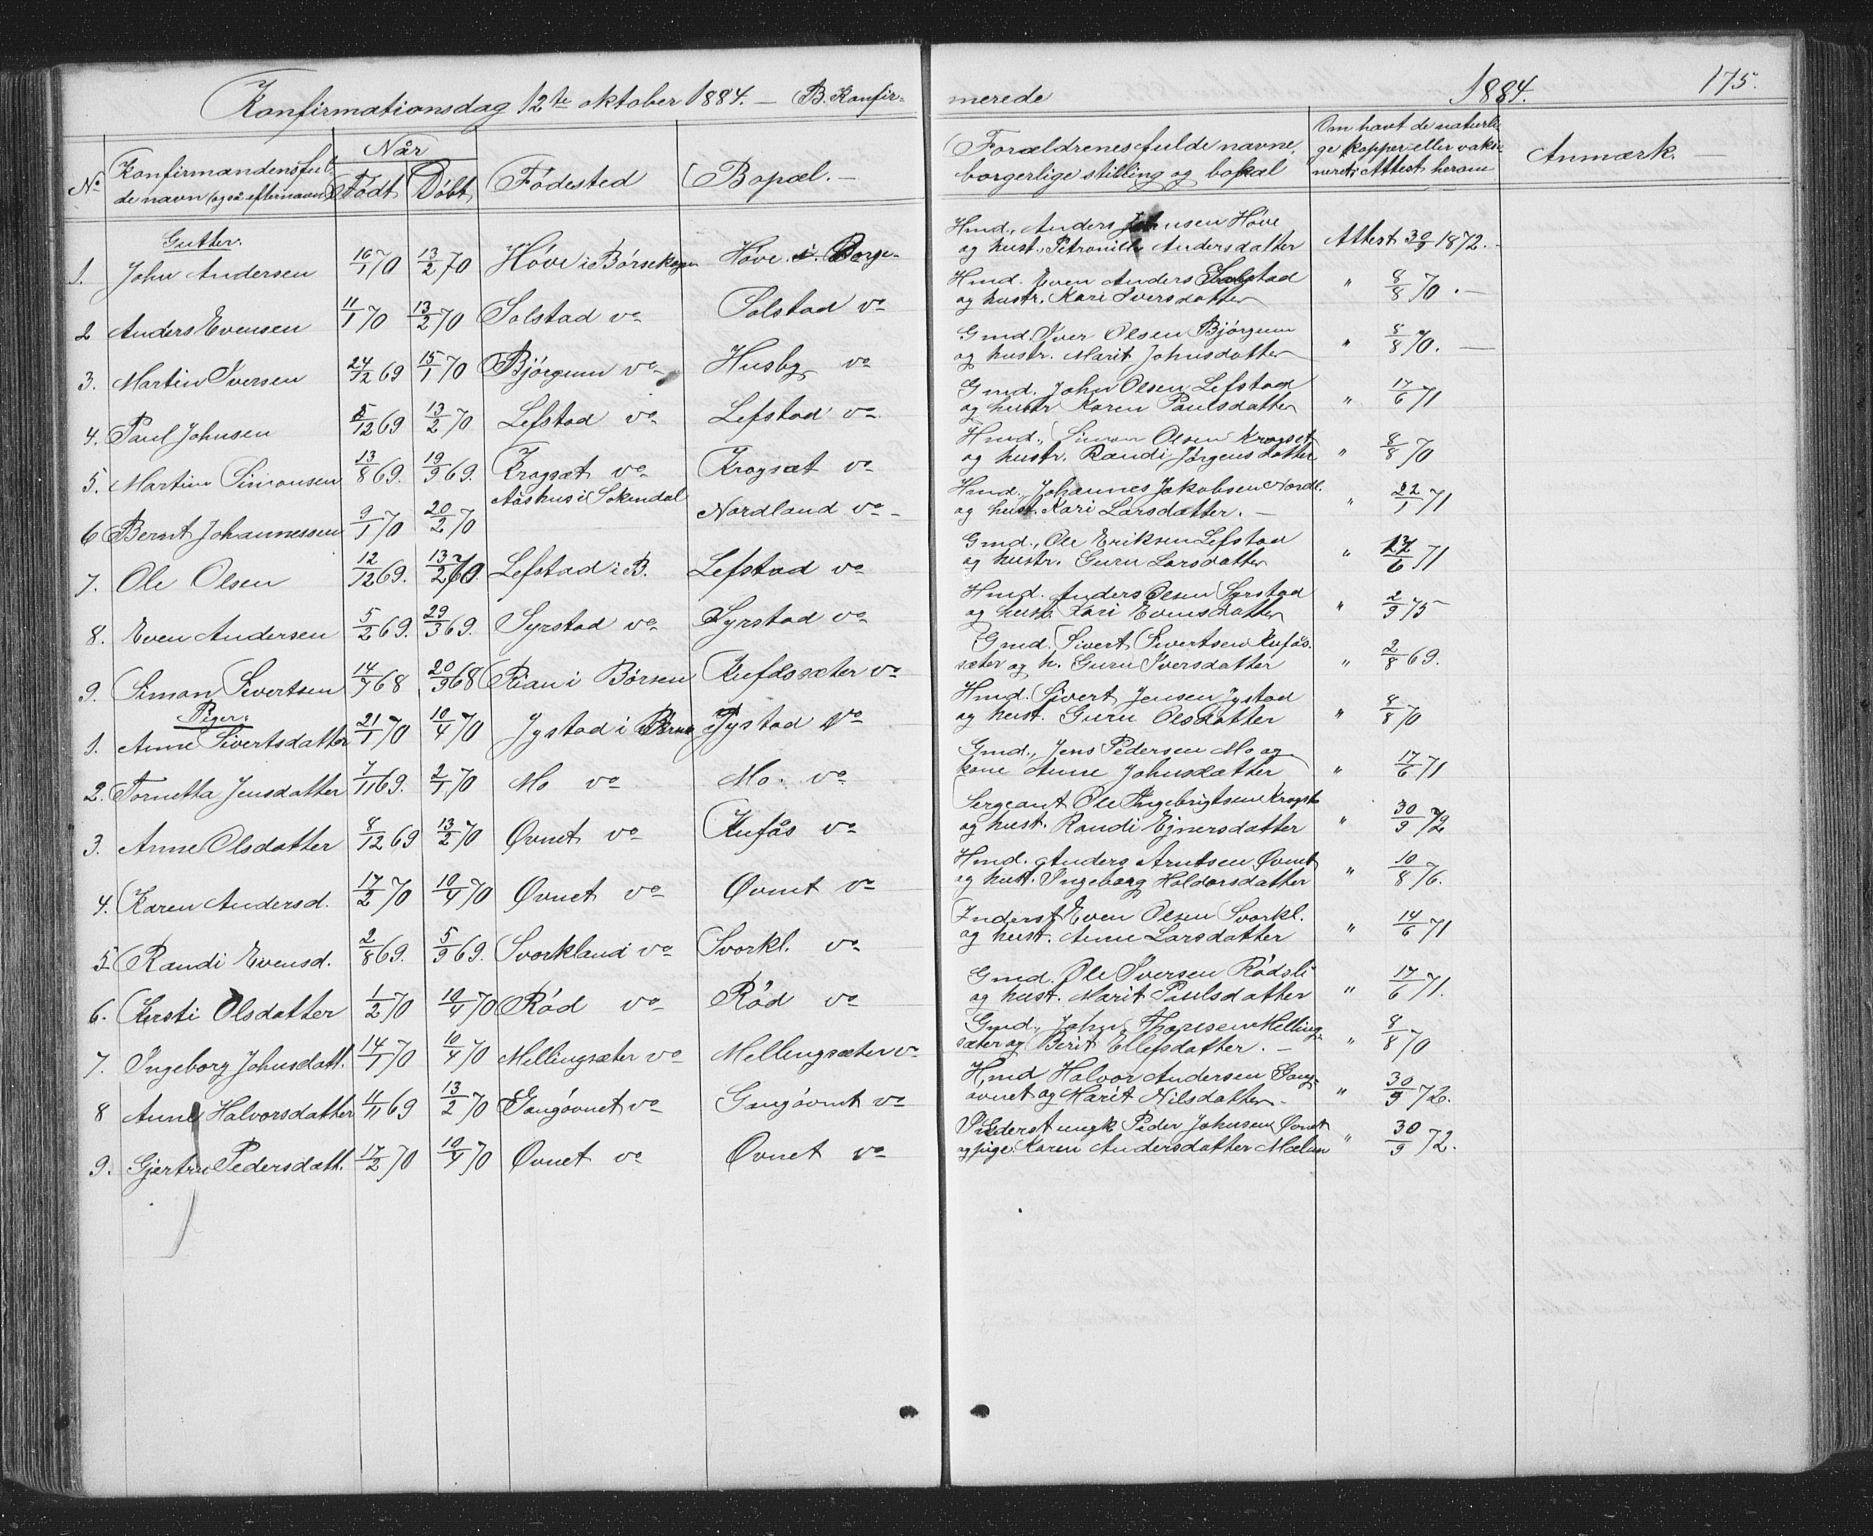 SAT, Ministerialprotokoller, klokkerbøker og fødselsregistre - Sør-Trøndelag, 667/L0798: Klokkerbok nr. 667C03, 1867-1929, s. 175